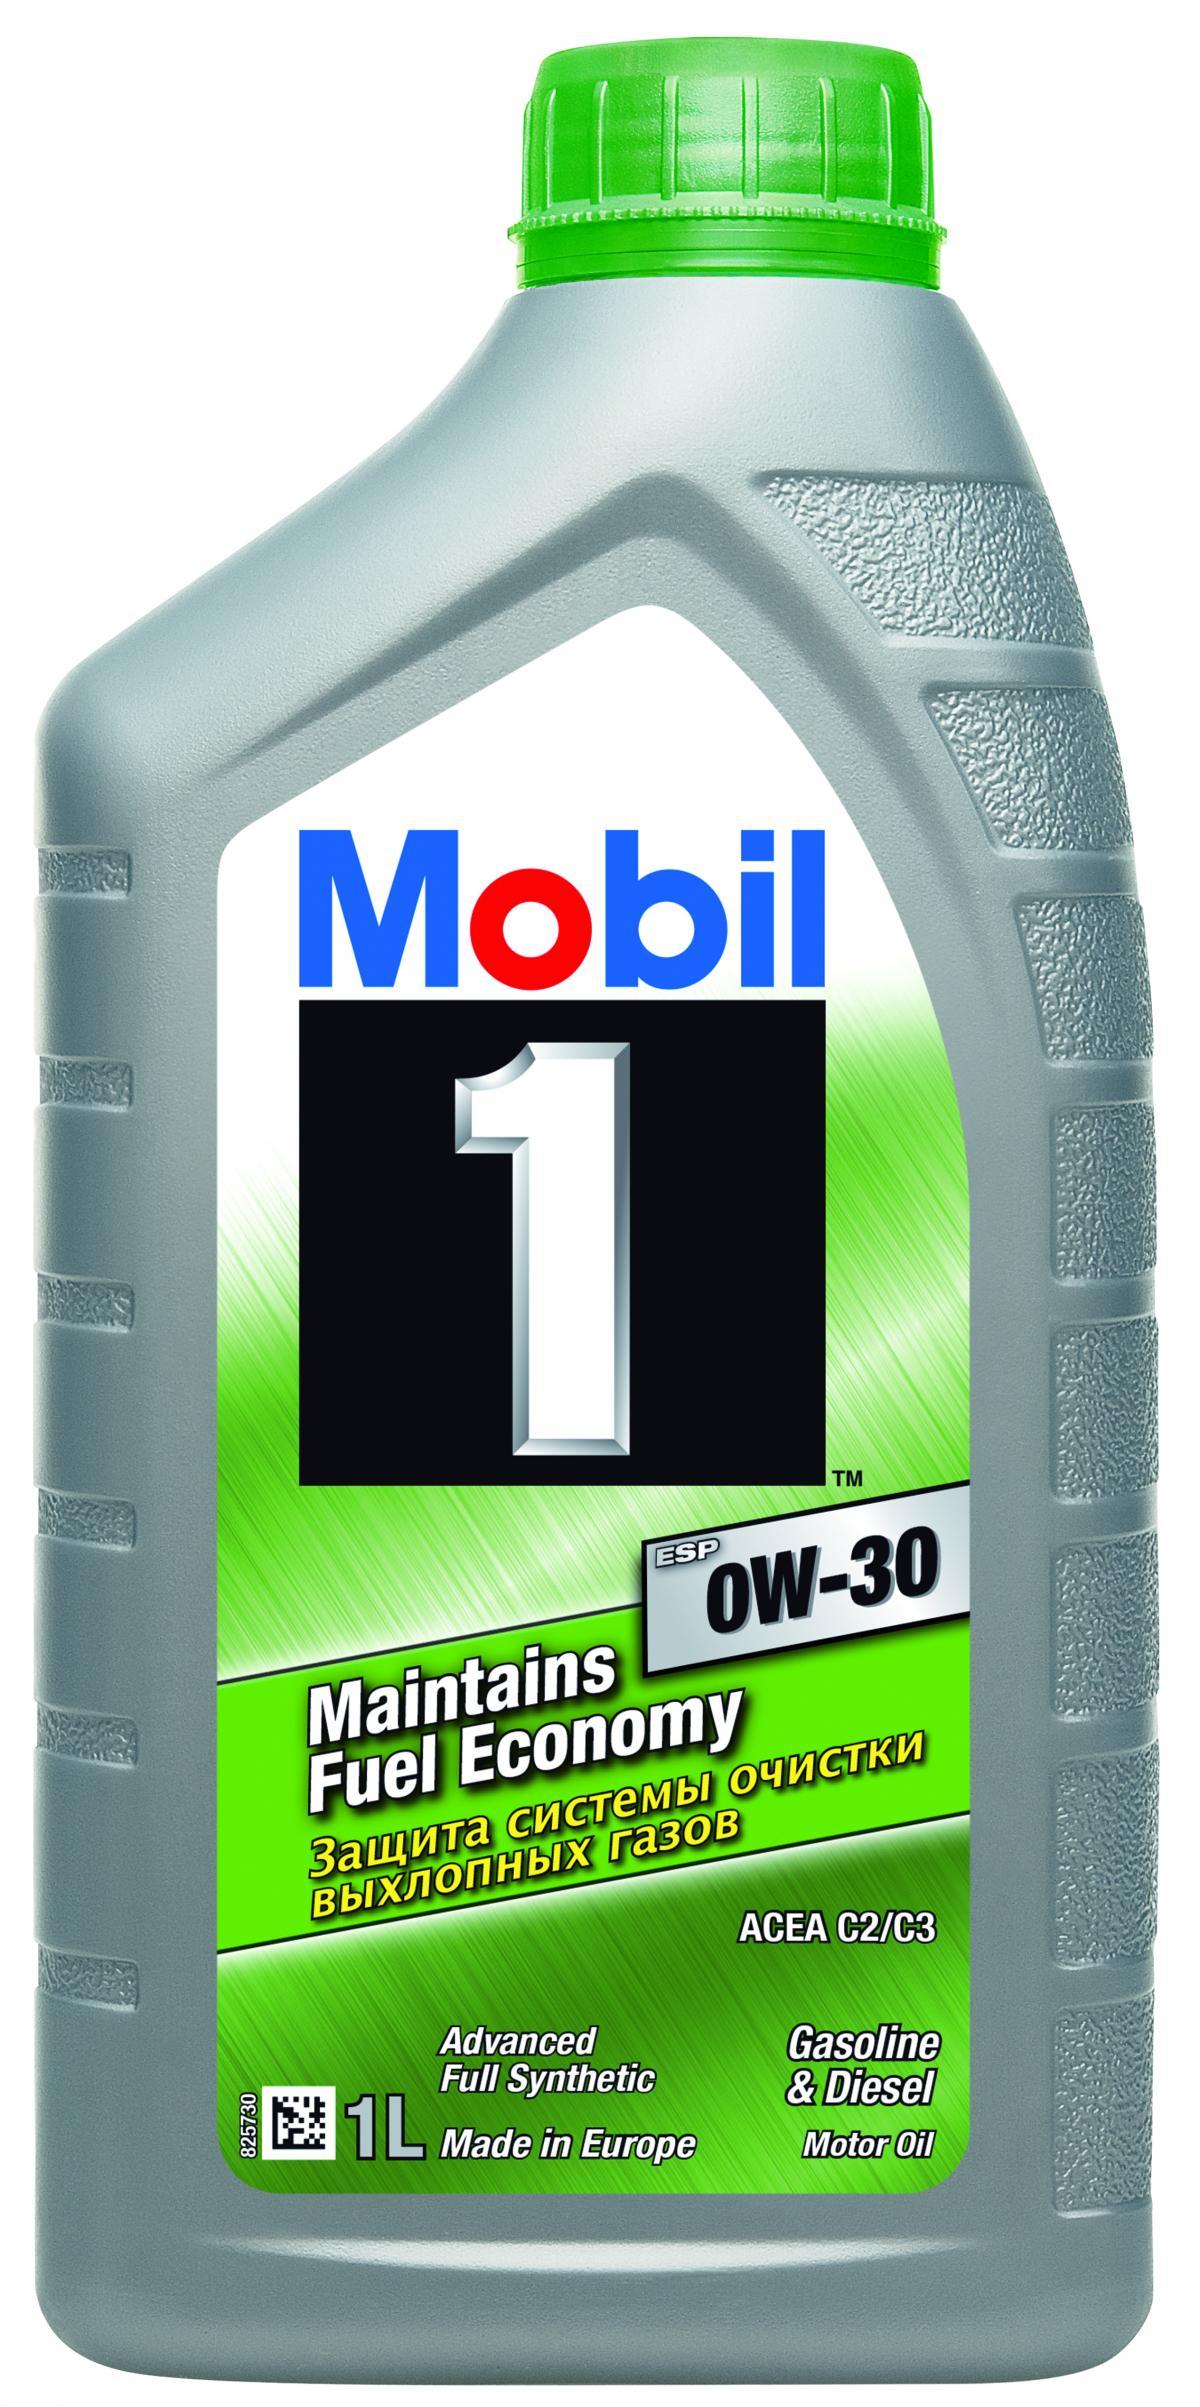 Масло Мобил 5W30 Купить В Москве